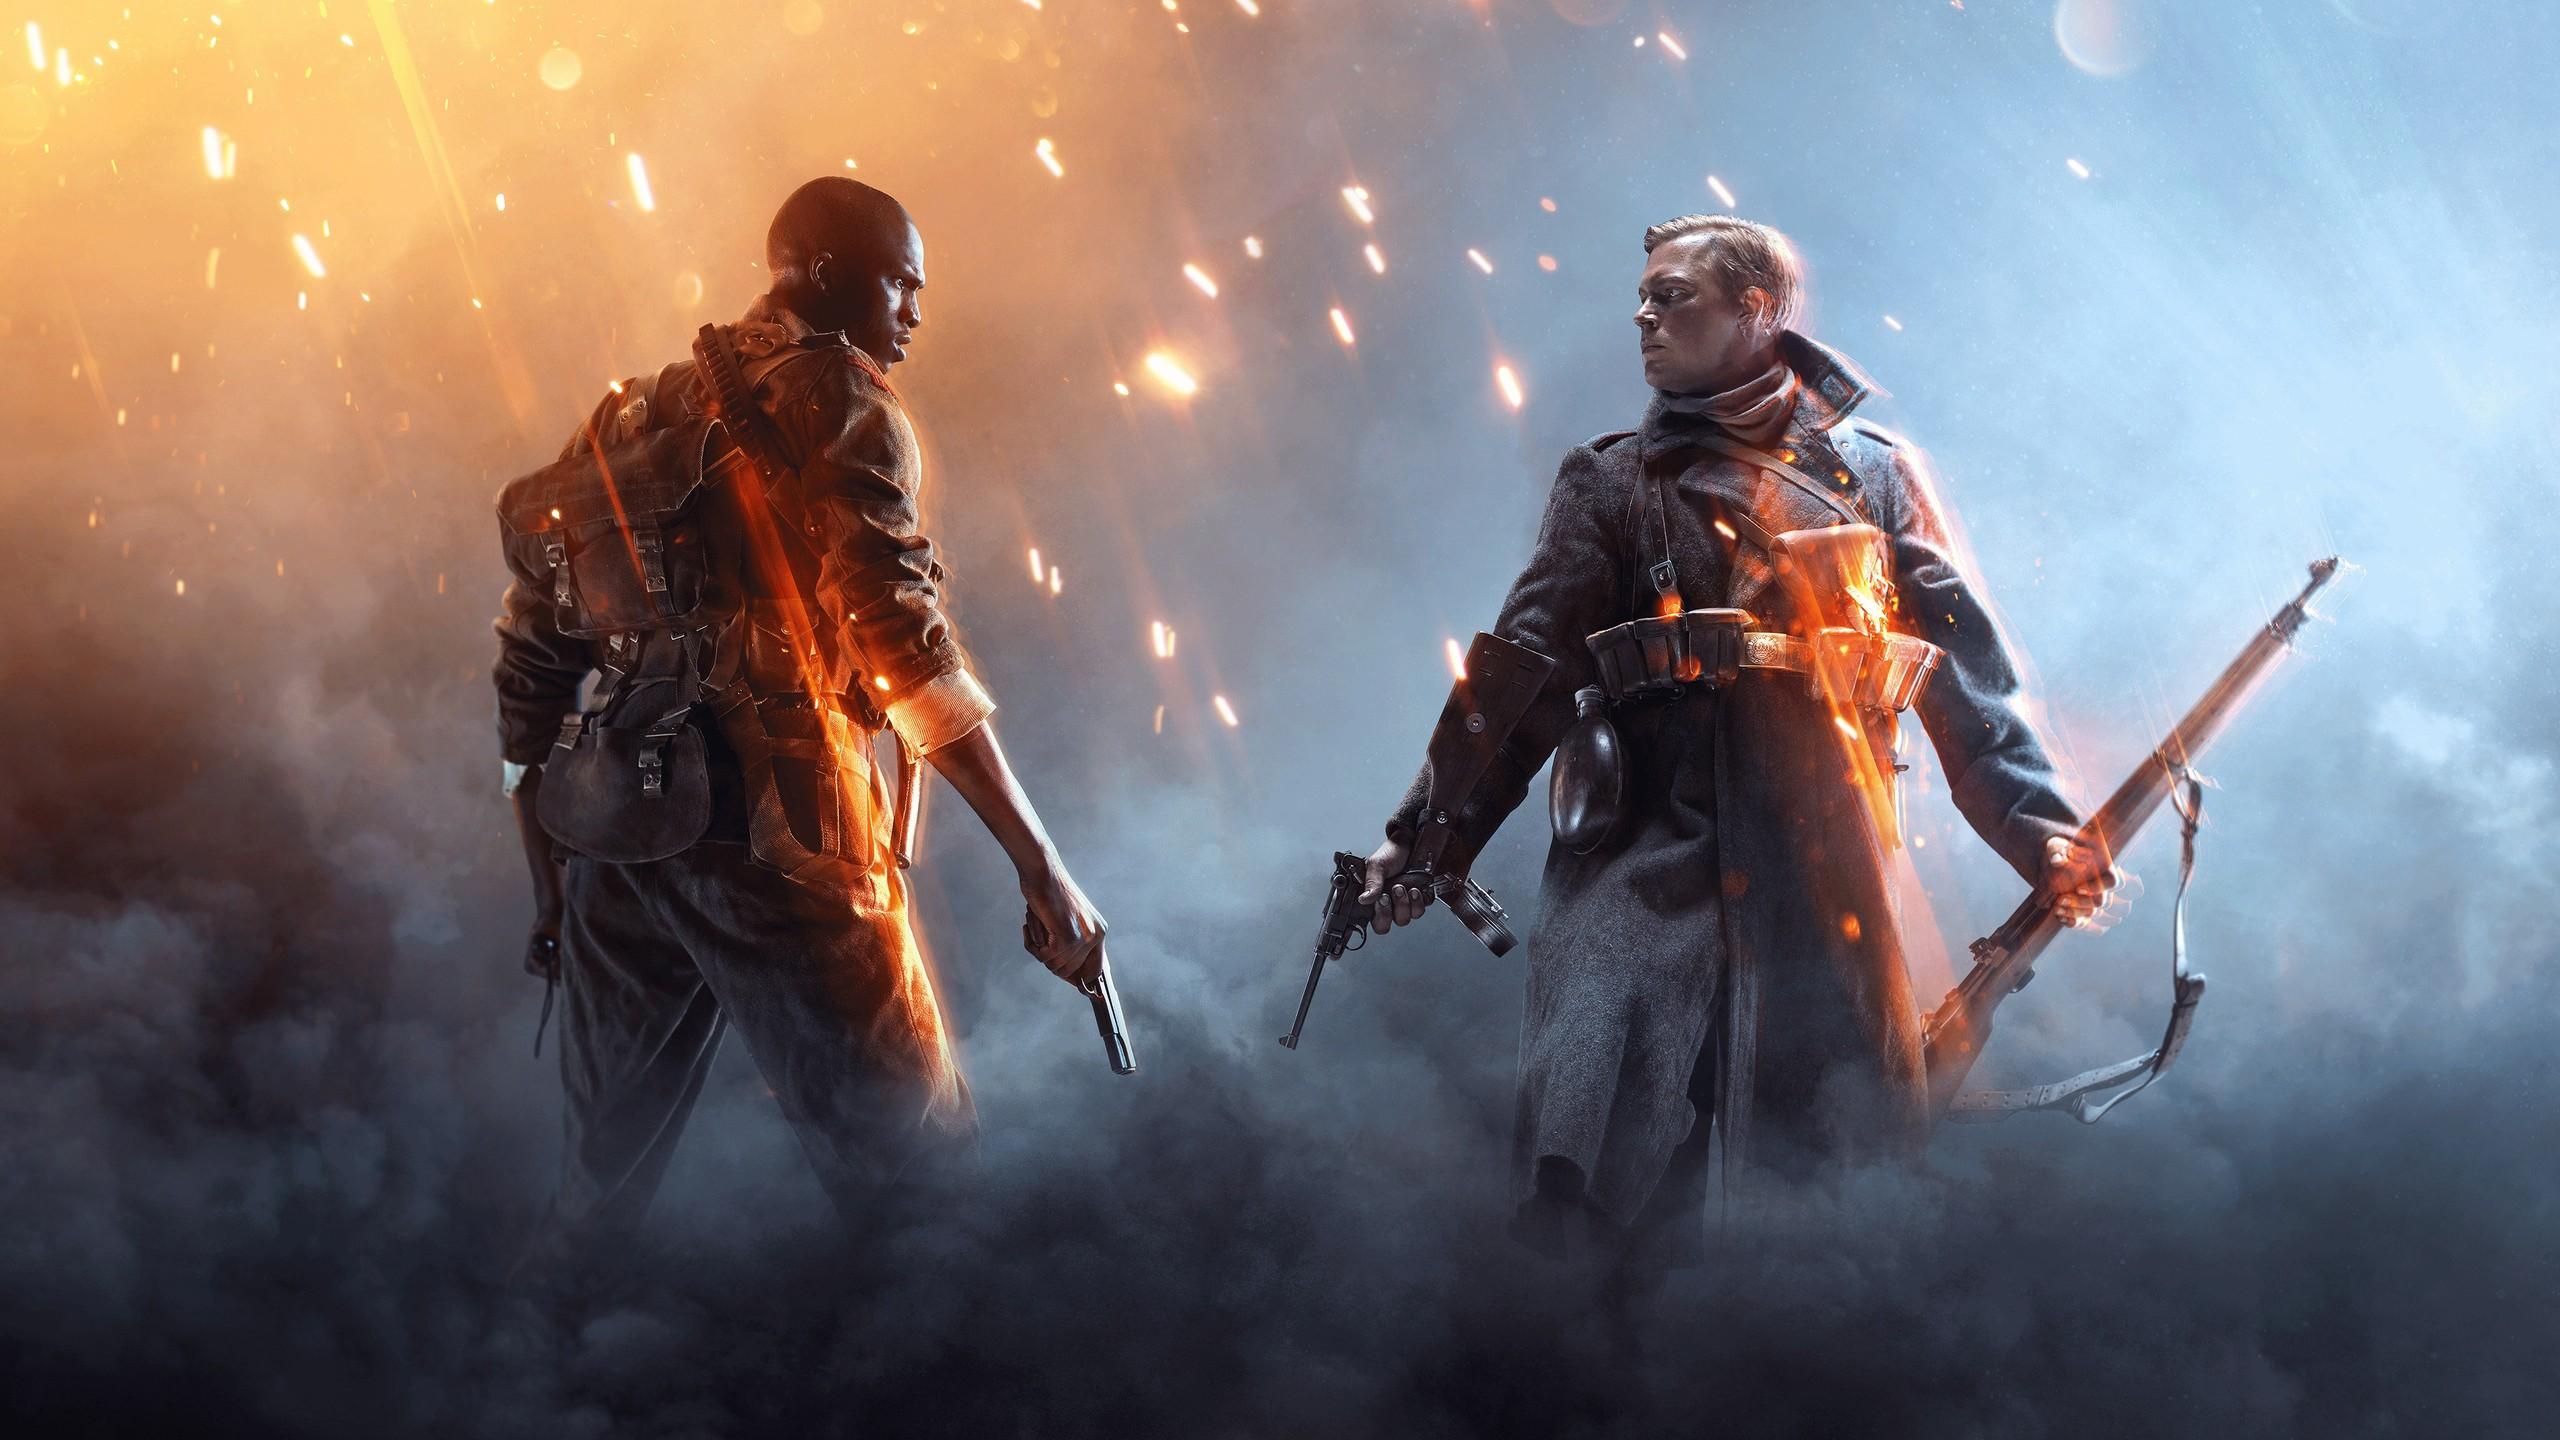 Wallpaper Fire World War I Pc Gaming Battlefield 1